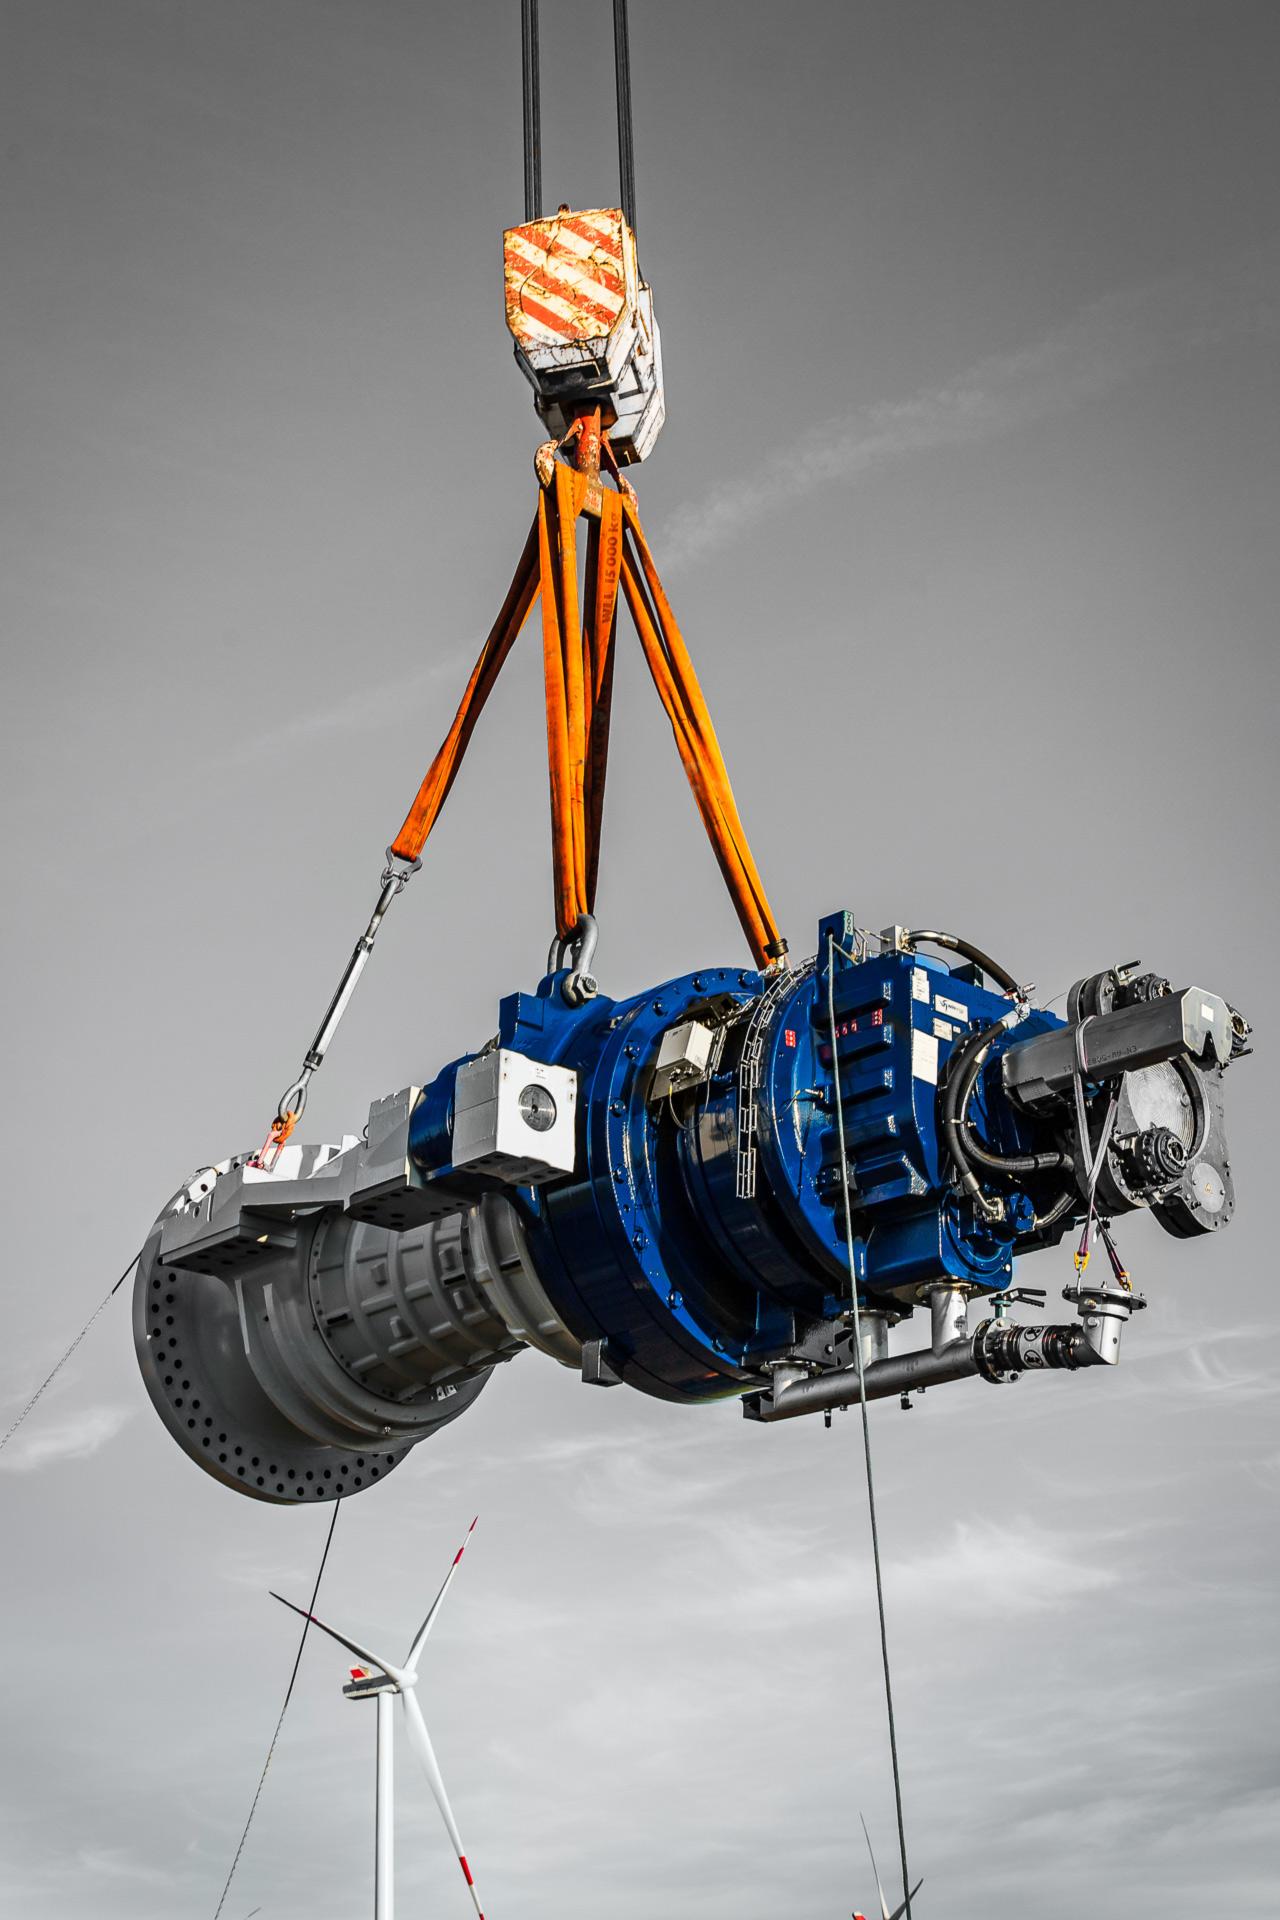 breesen_notus_wind_turbine am_haken_industrie